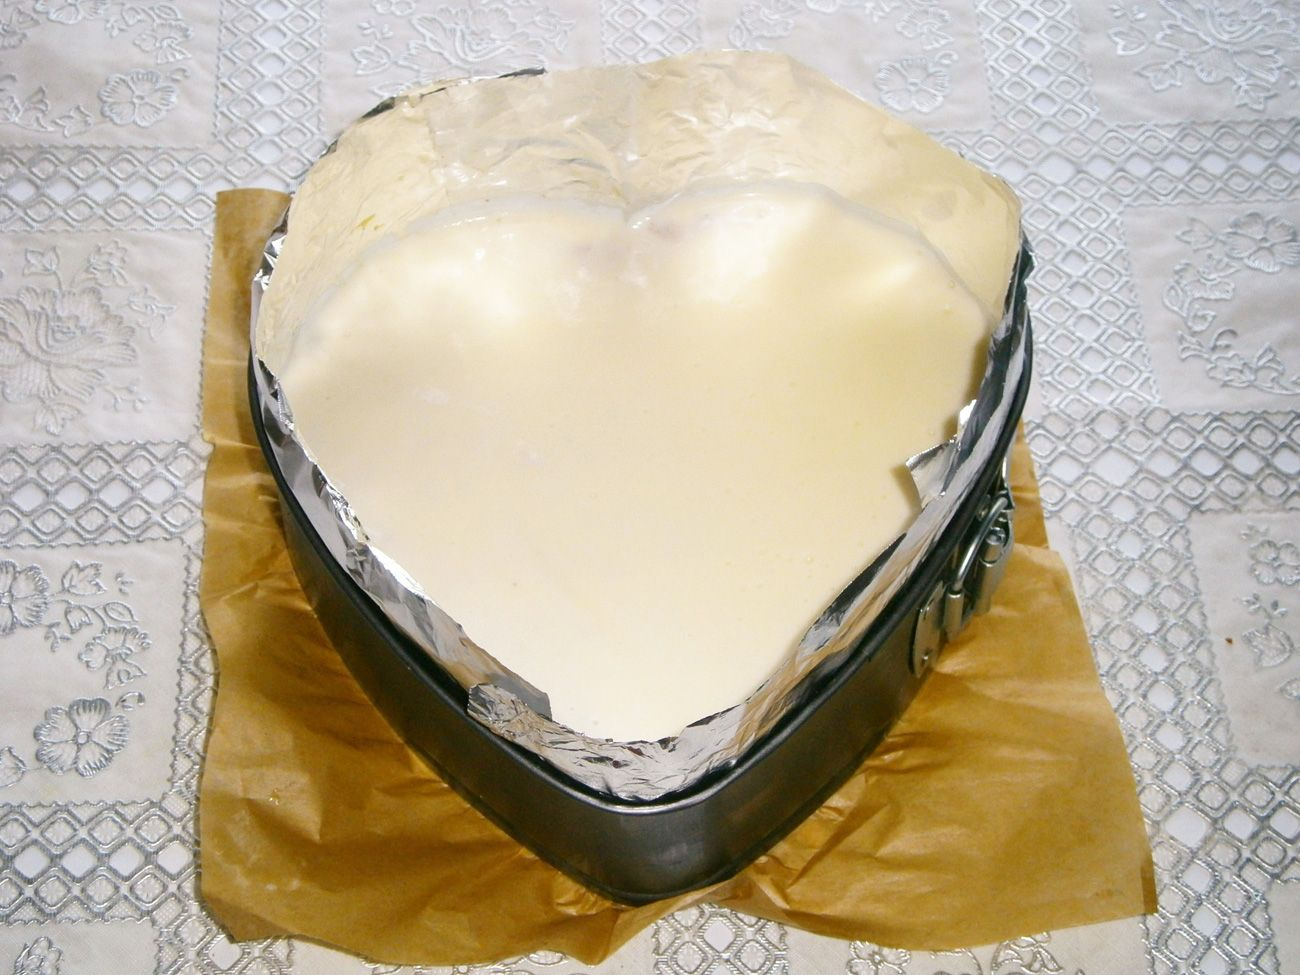 Рецепт тортов с заливкой - результаты поиска